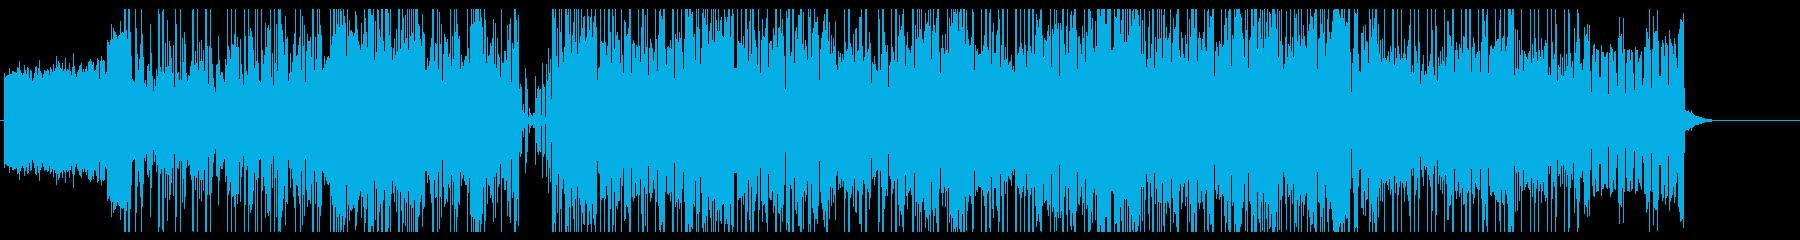 疾走感のあるダークでポップなBGMの再生済みの波形